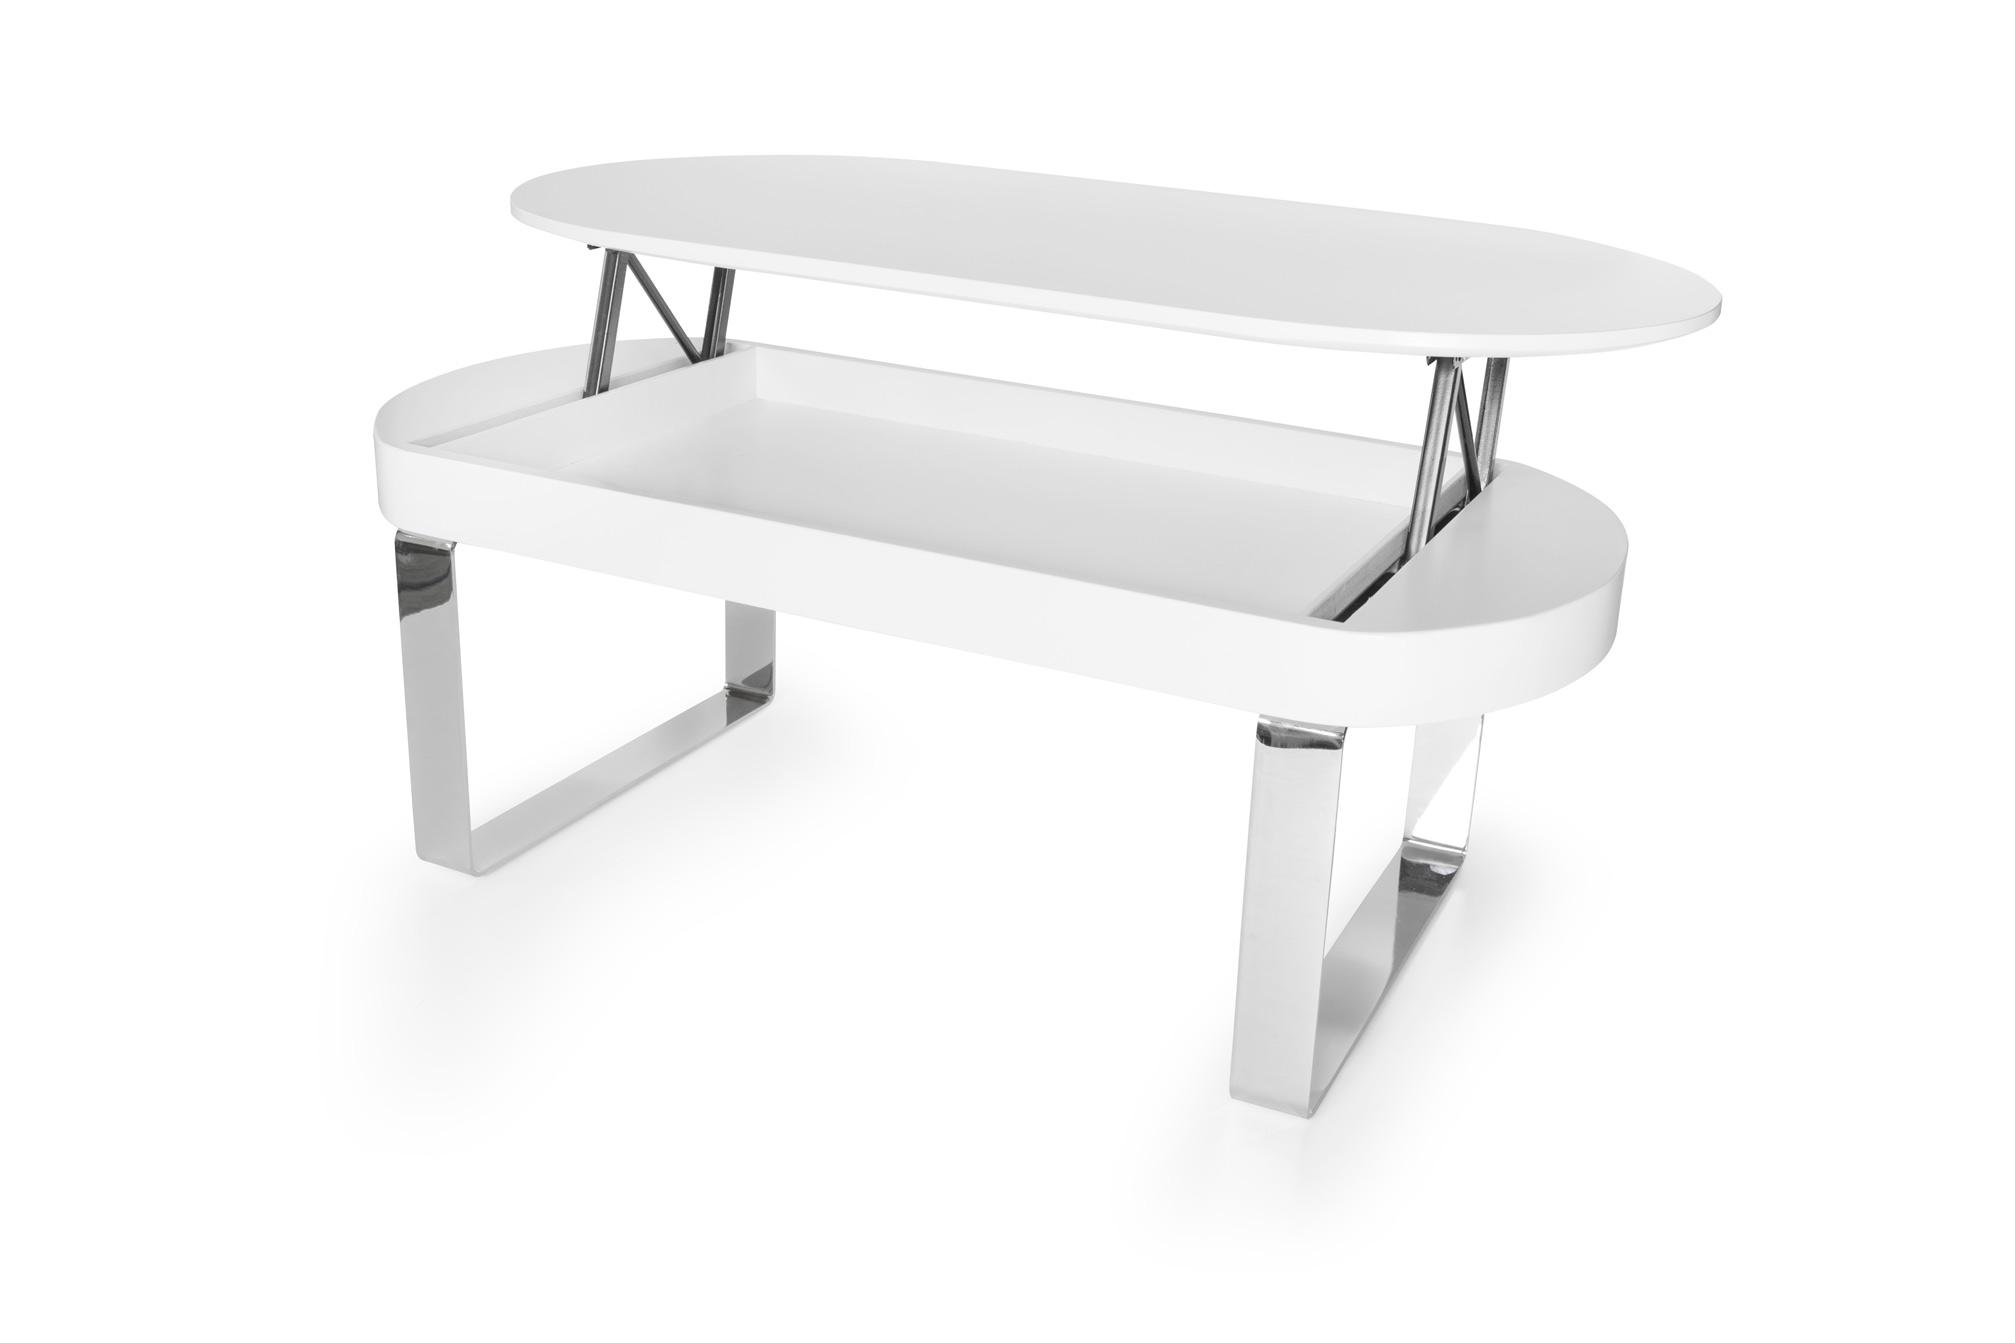 Mesa centro ovalada blanca elevable la mesa de centro for Mesa de centro blanca